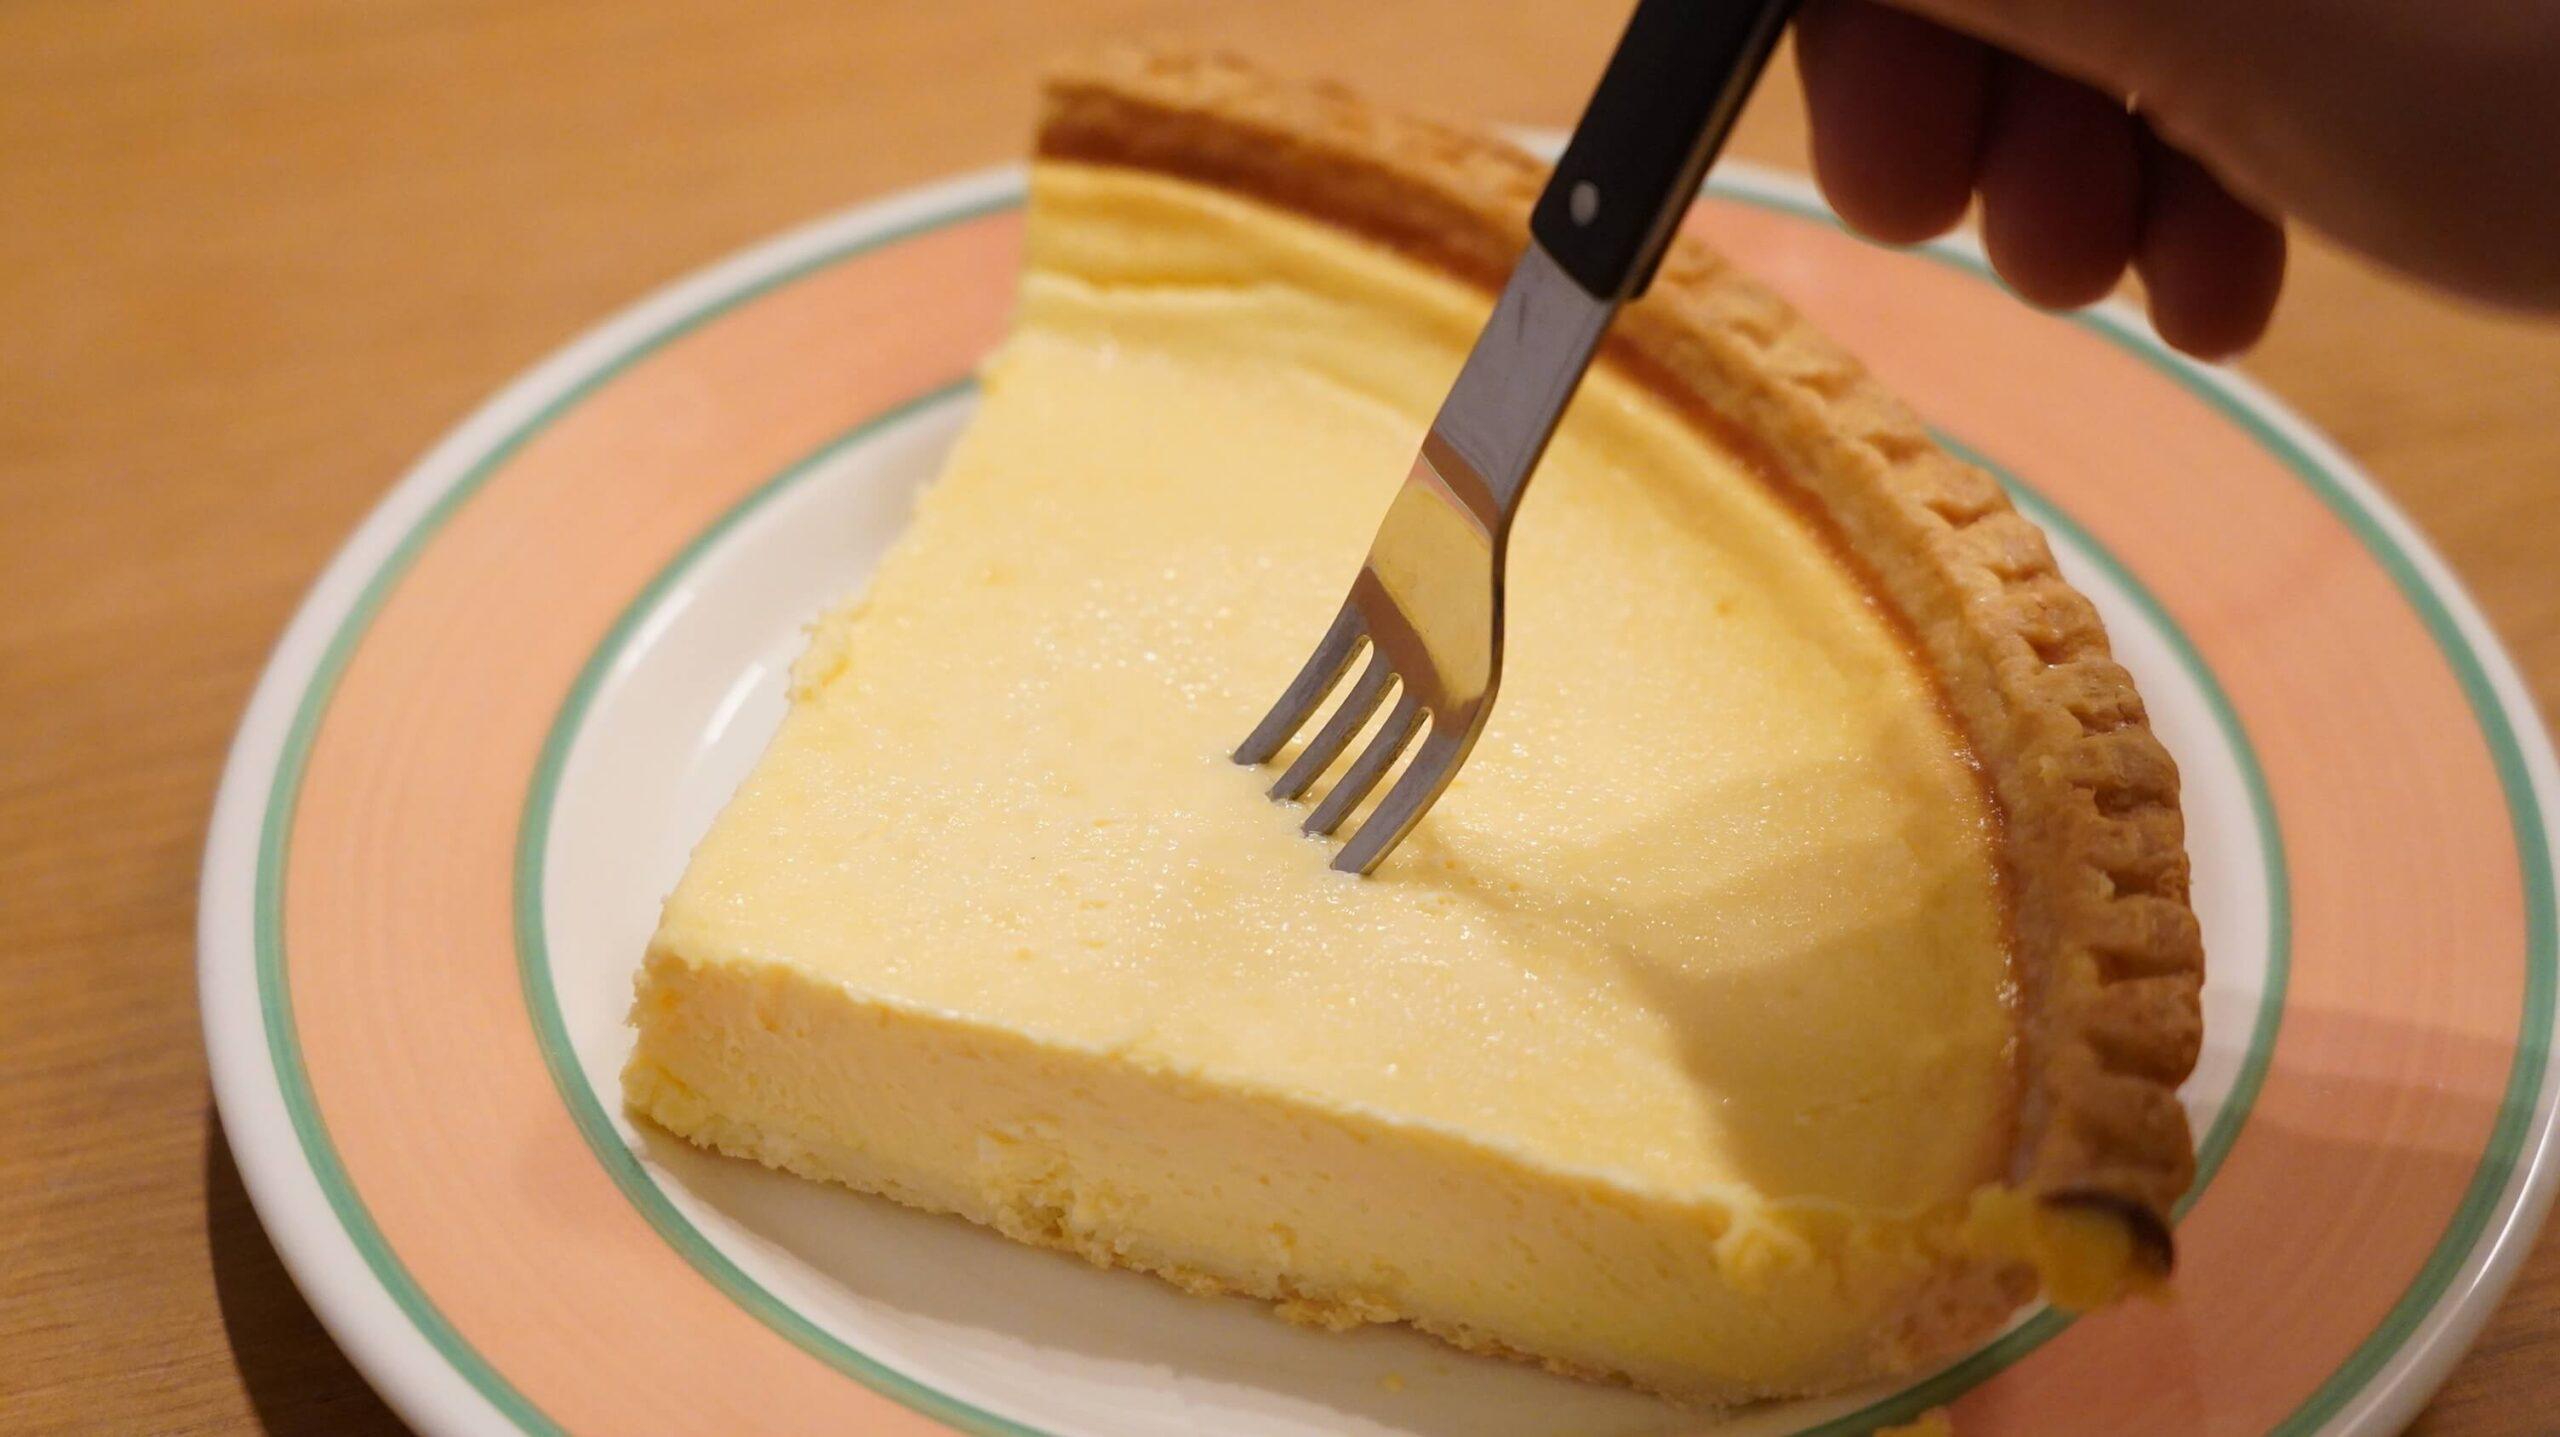 コストコのチーズケーキ「トリプルチーズタルト」を解凍してフォークが刺せるようになった様子の写真